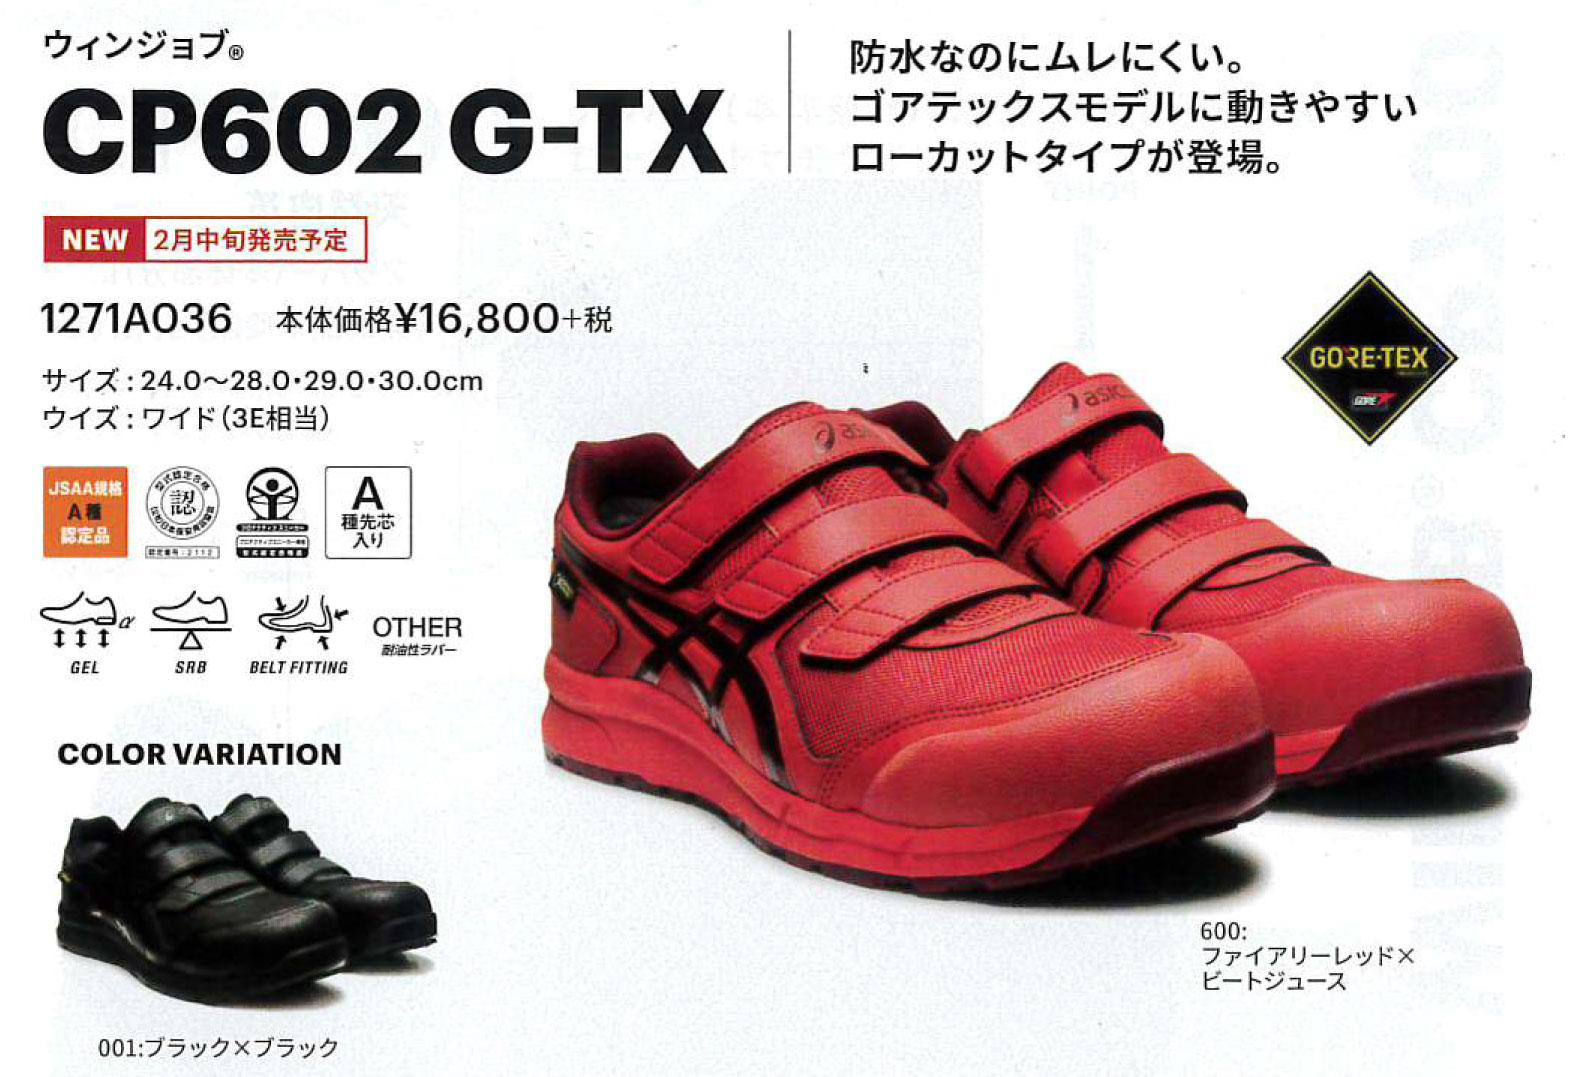 2020年2月発売予定 アシックス安全靴 ウィンジョブ CP602 G-TX